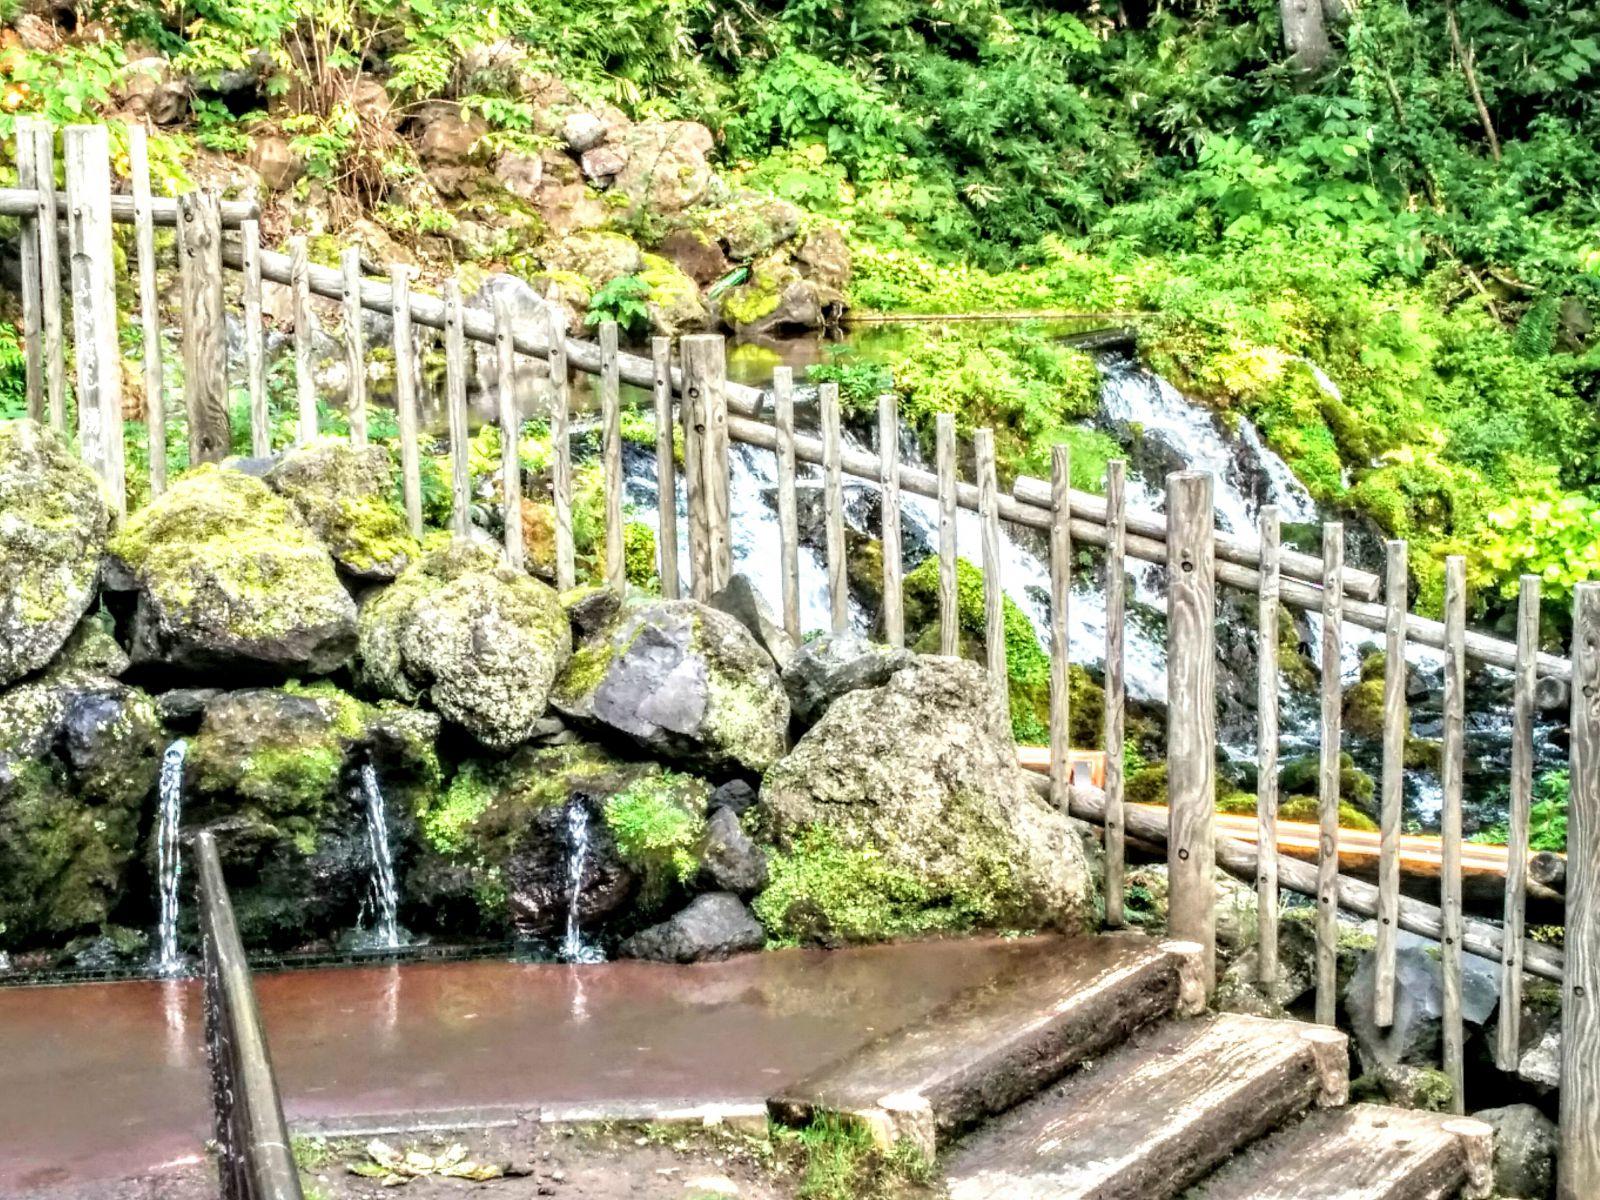 【京極町】京極町観光案内です。